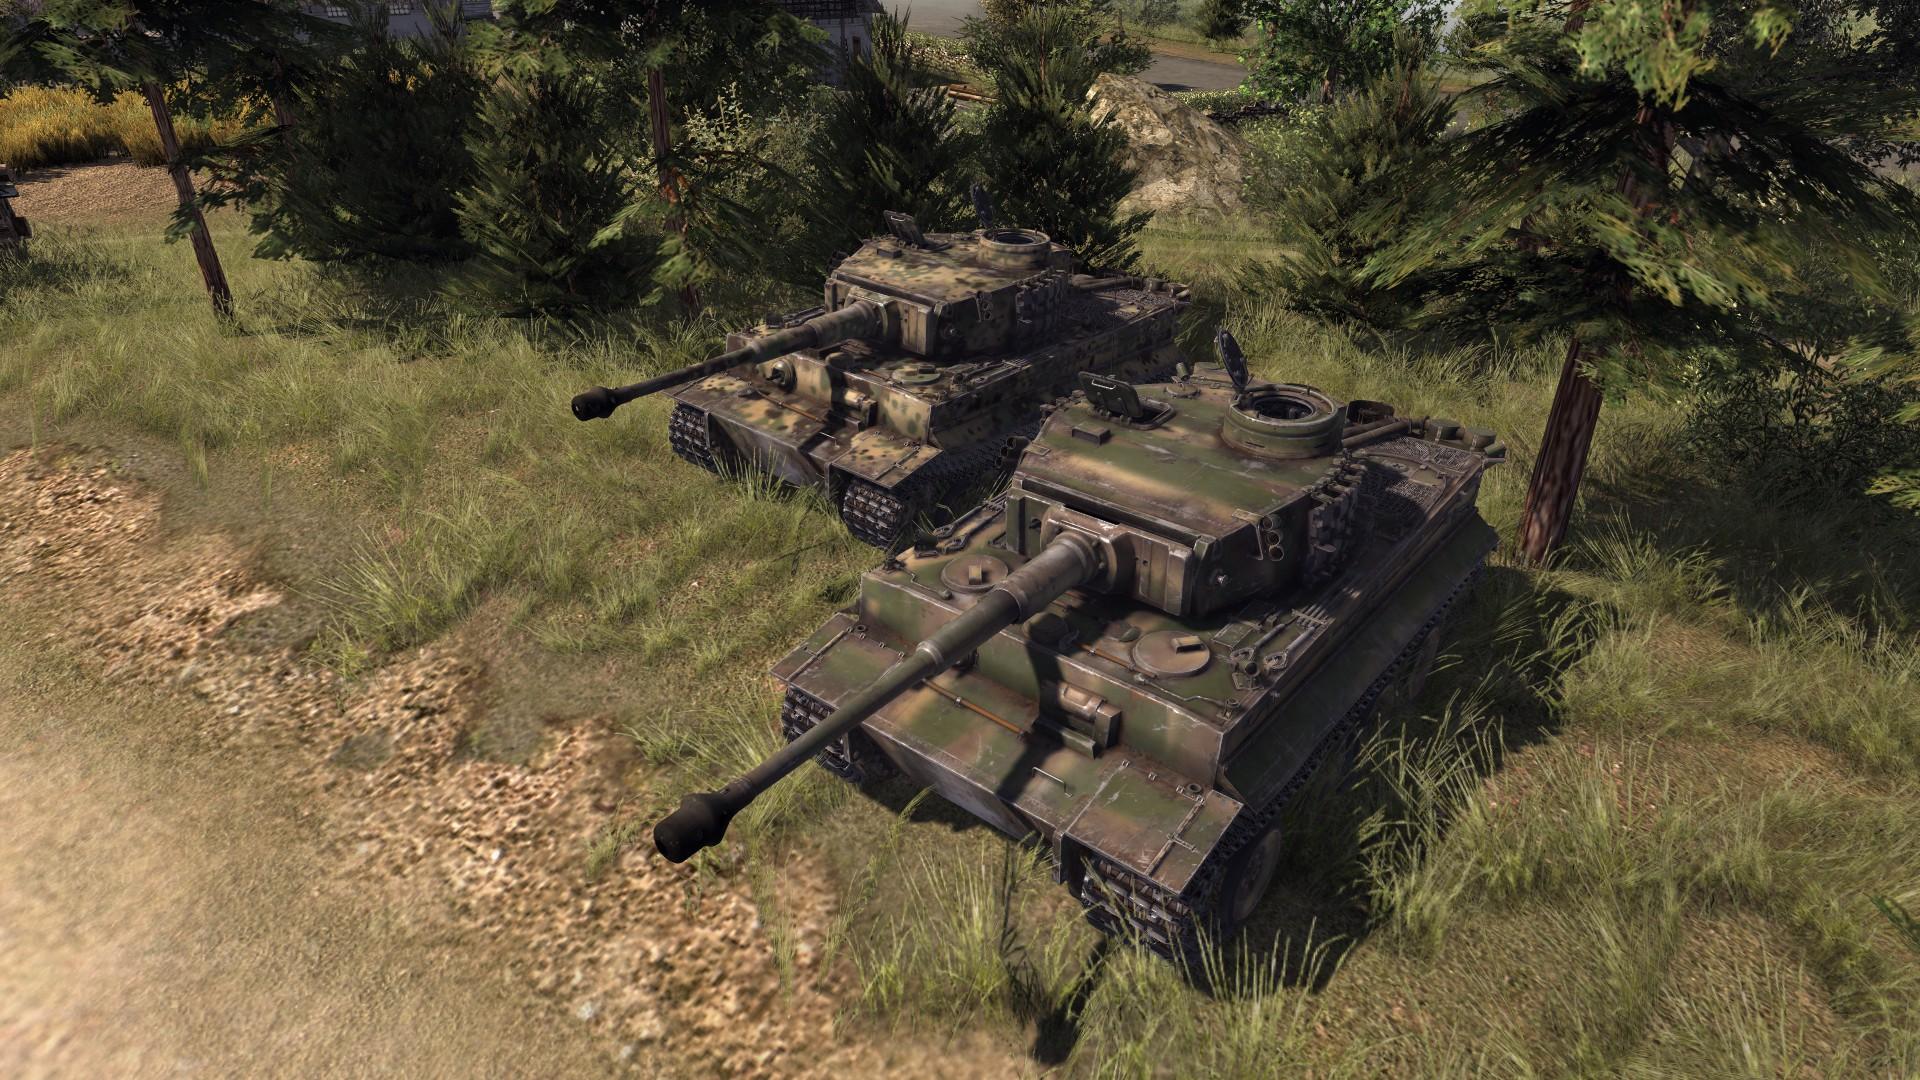 Скачать WT Pzkpfw Tiger h1 (AS2 — 3.260.0) — бесплатно